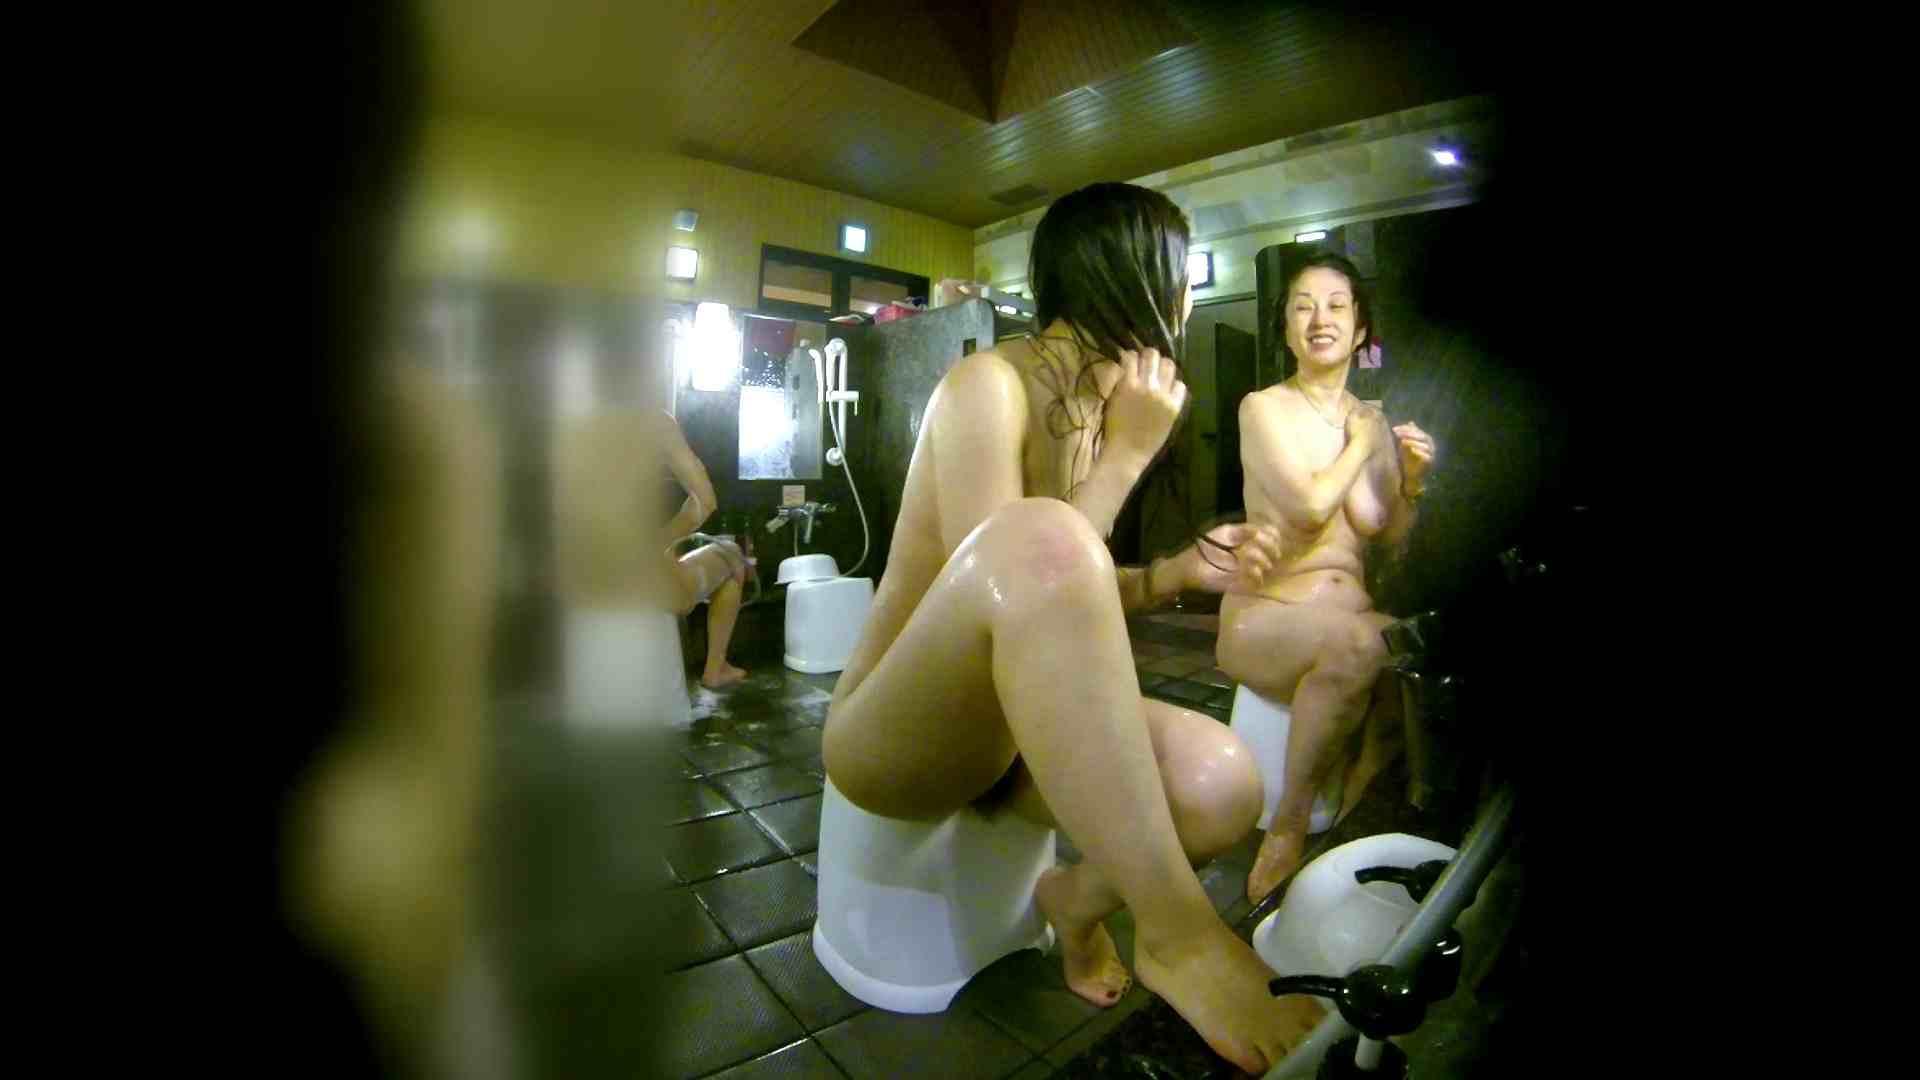 洗い場!右足の位置がいいですね。陰毛もっさり! 潜入   細身体型  107枚 36